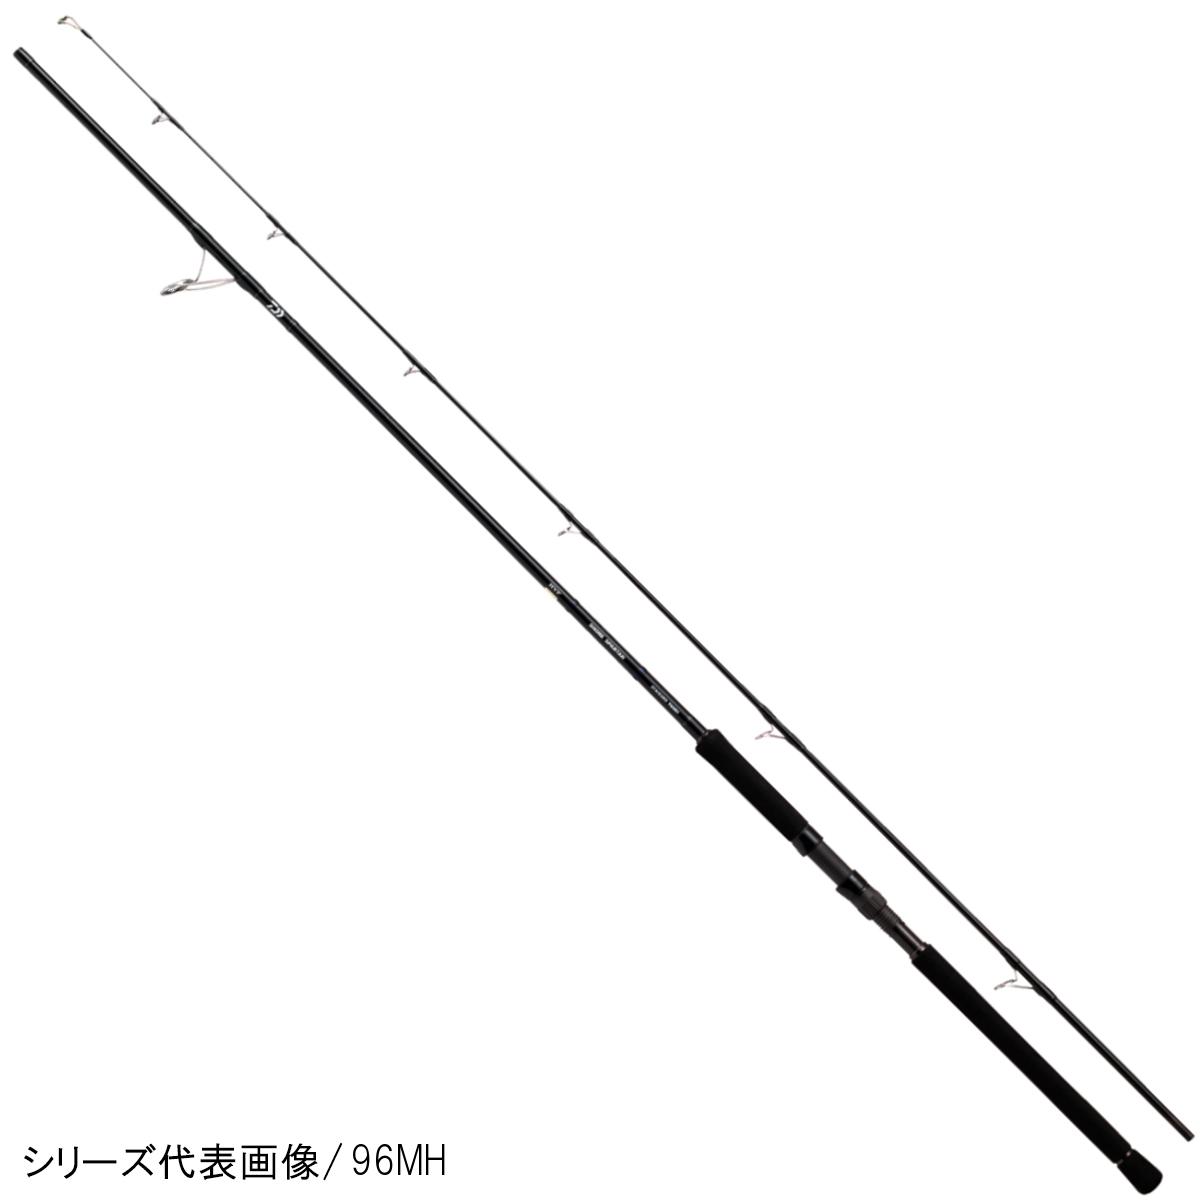 ダイワ ショアスパルタン スタンダード 96M【大型商品】(東日本店)